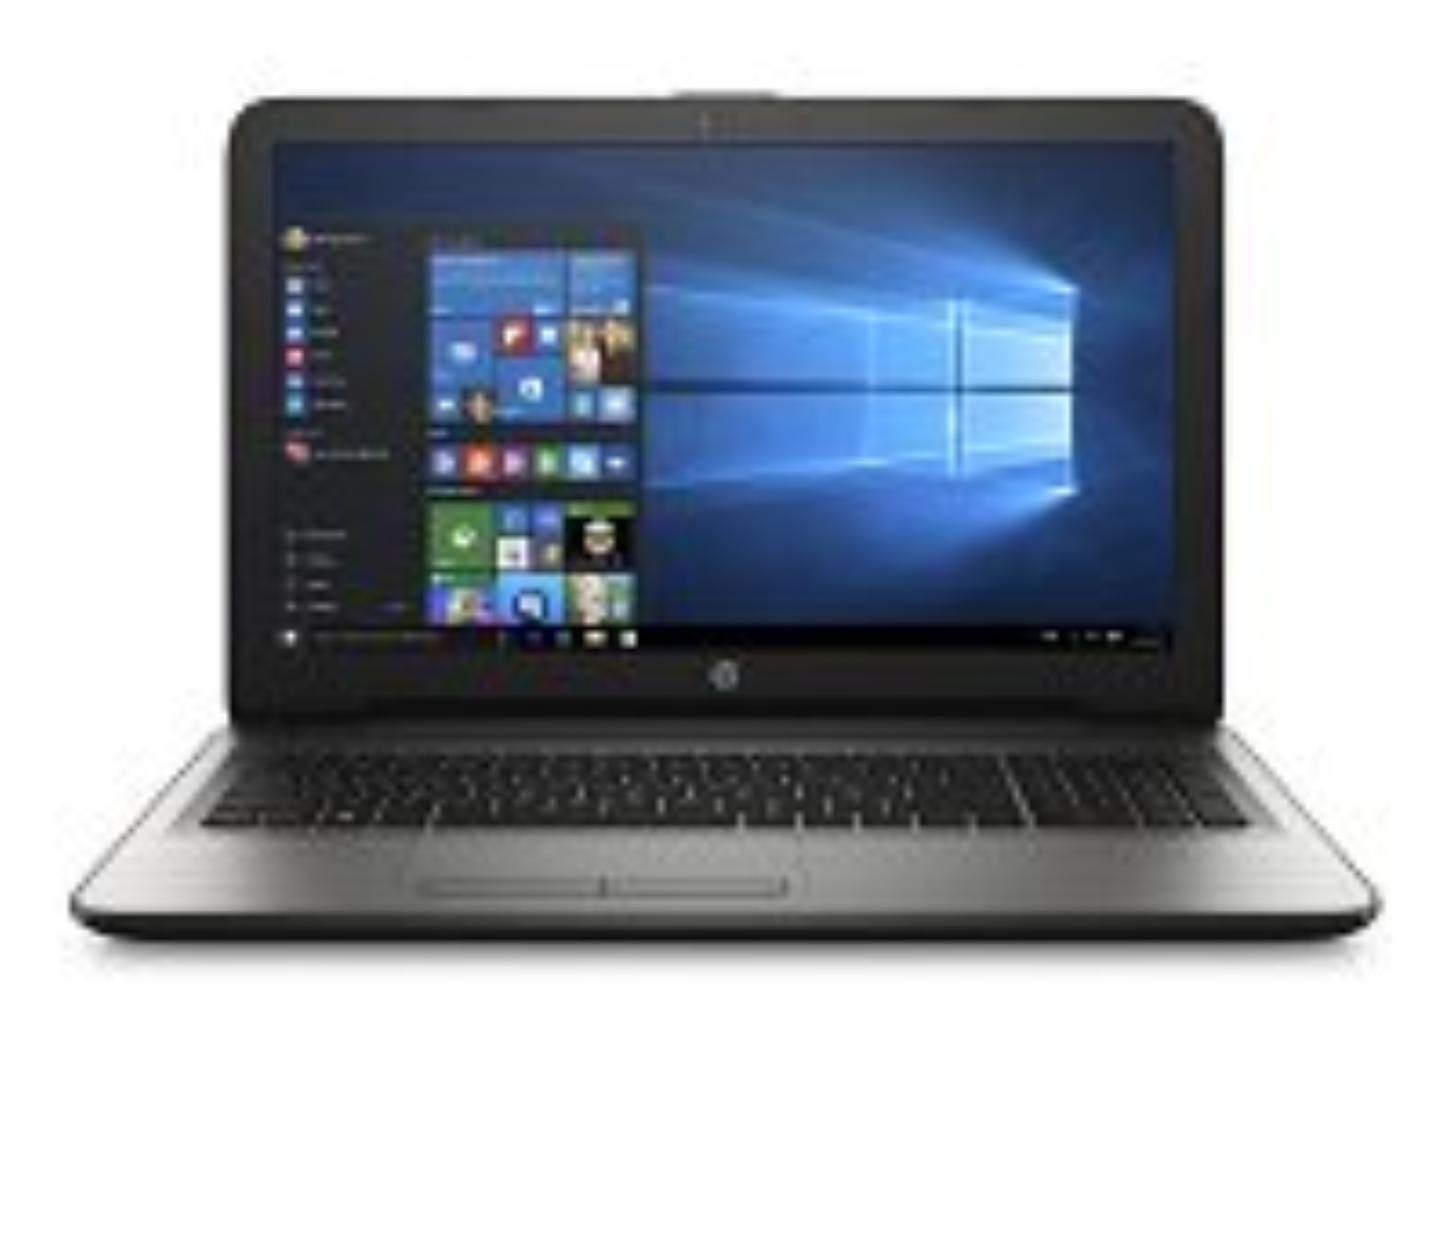 HP 15-ay037nc/Intel i5-6200U/8GB/1 TB/DVDRW/AMD R5 M430 2GB/15,6 FHD/Win 10/stříbrná